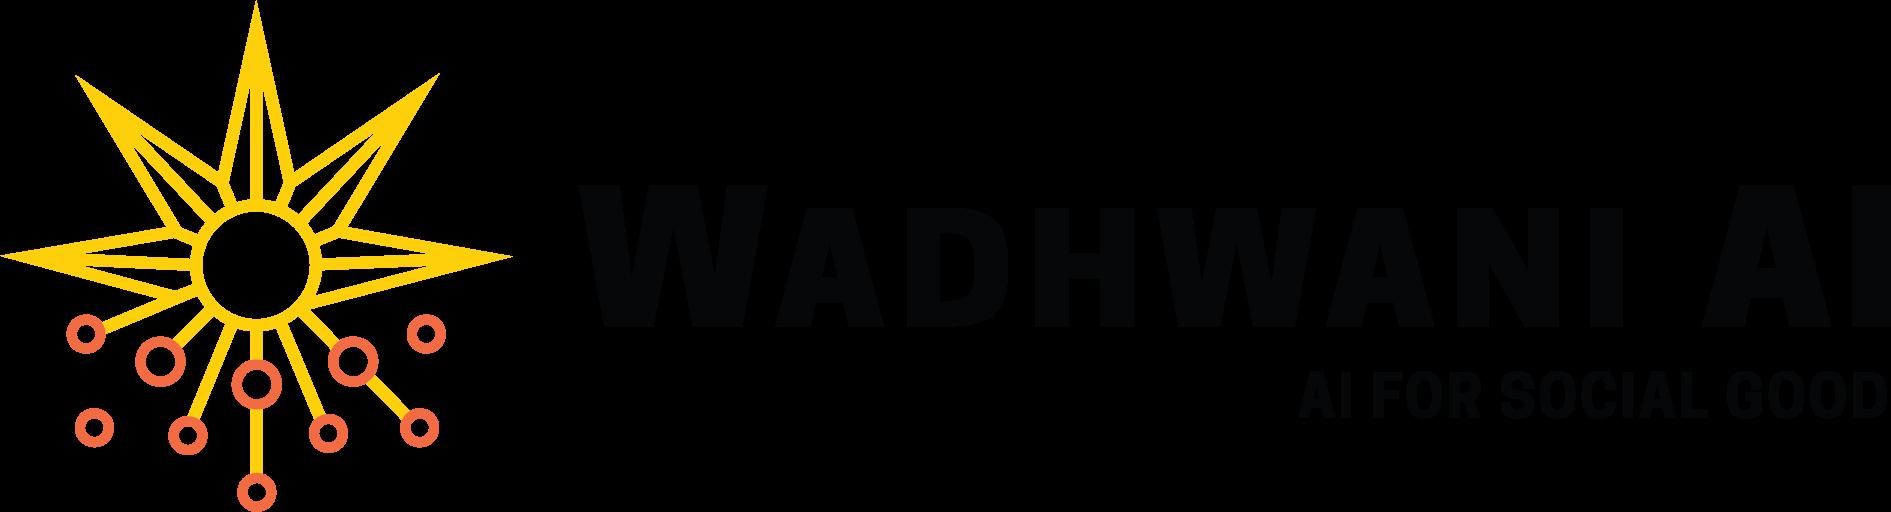 Wadhwani AI